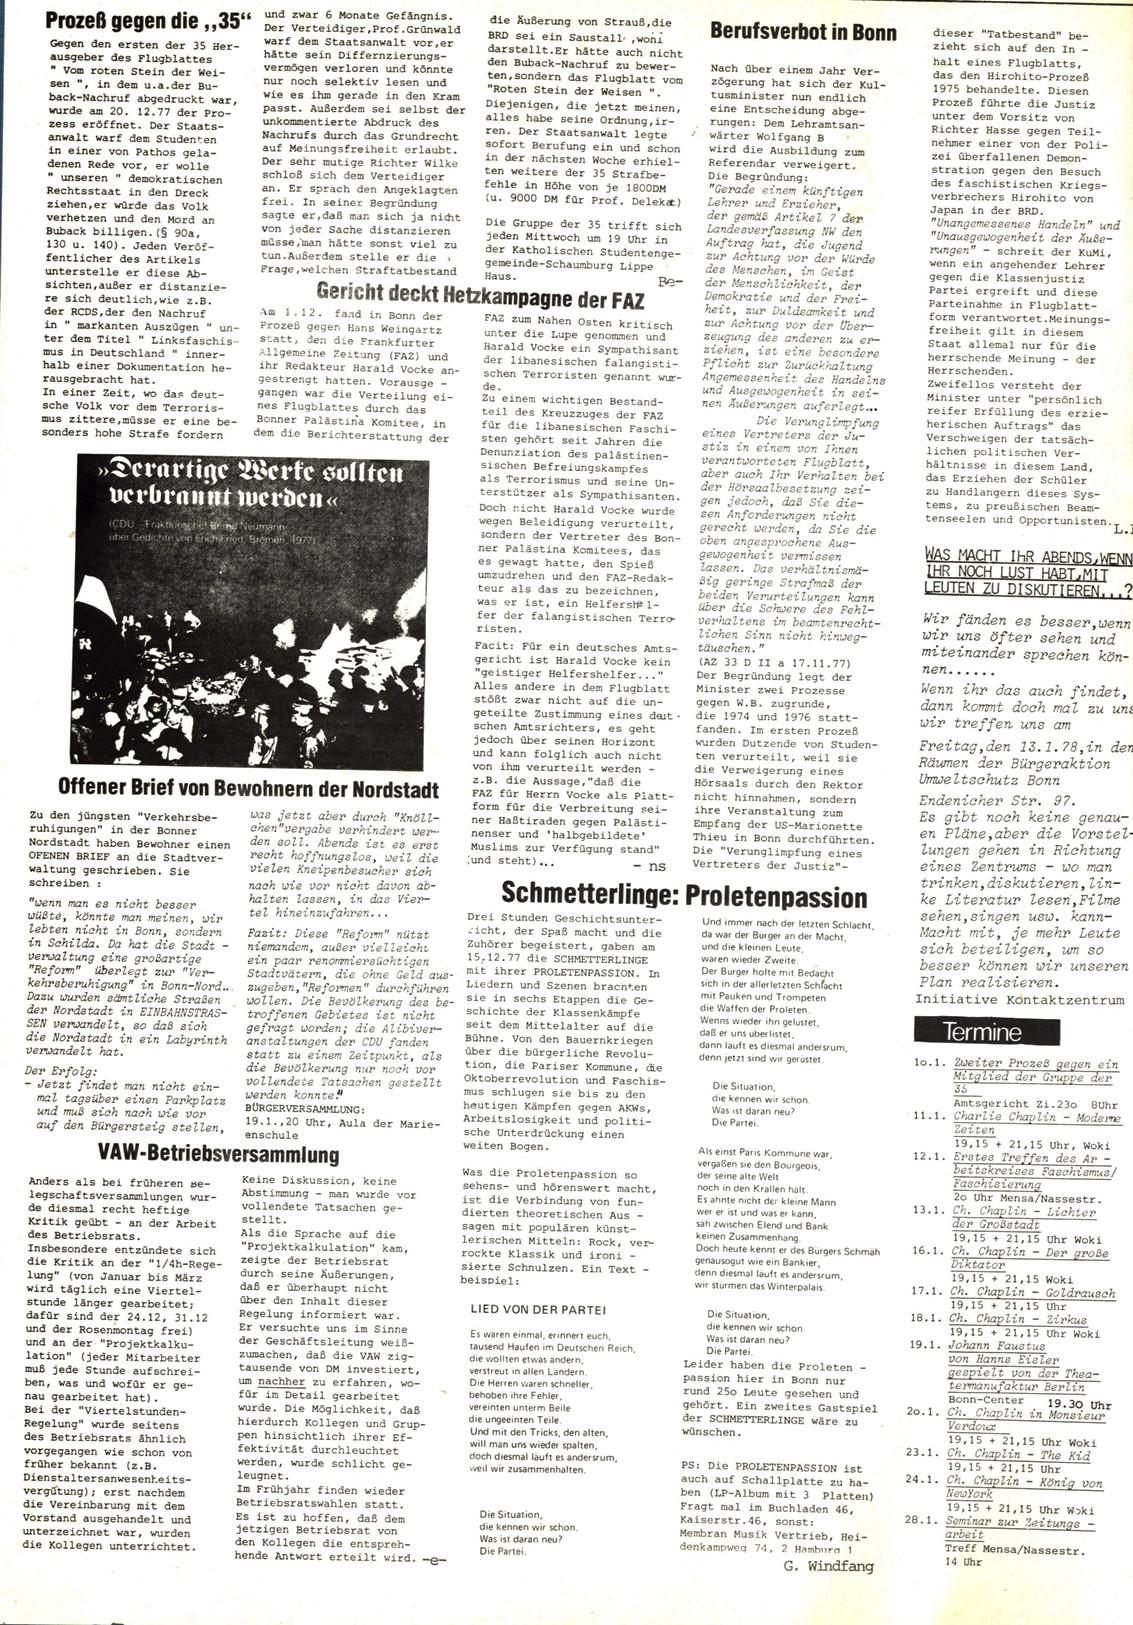 Bonner_Volksblatt_08_19780110_02